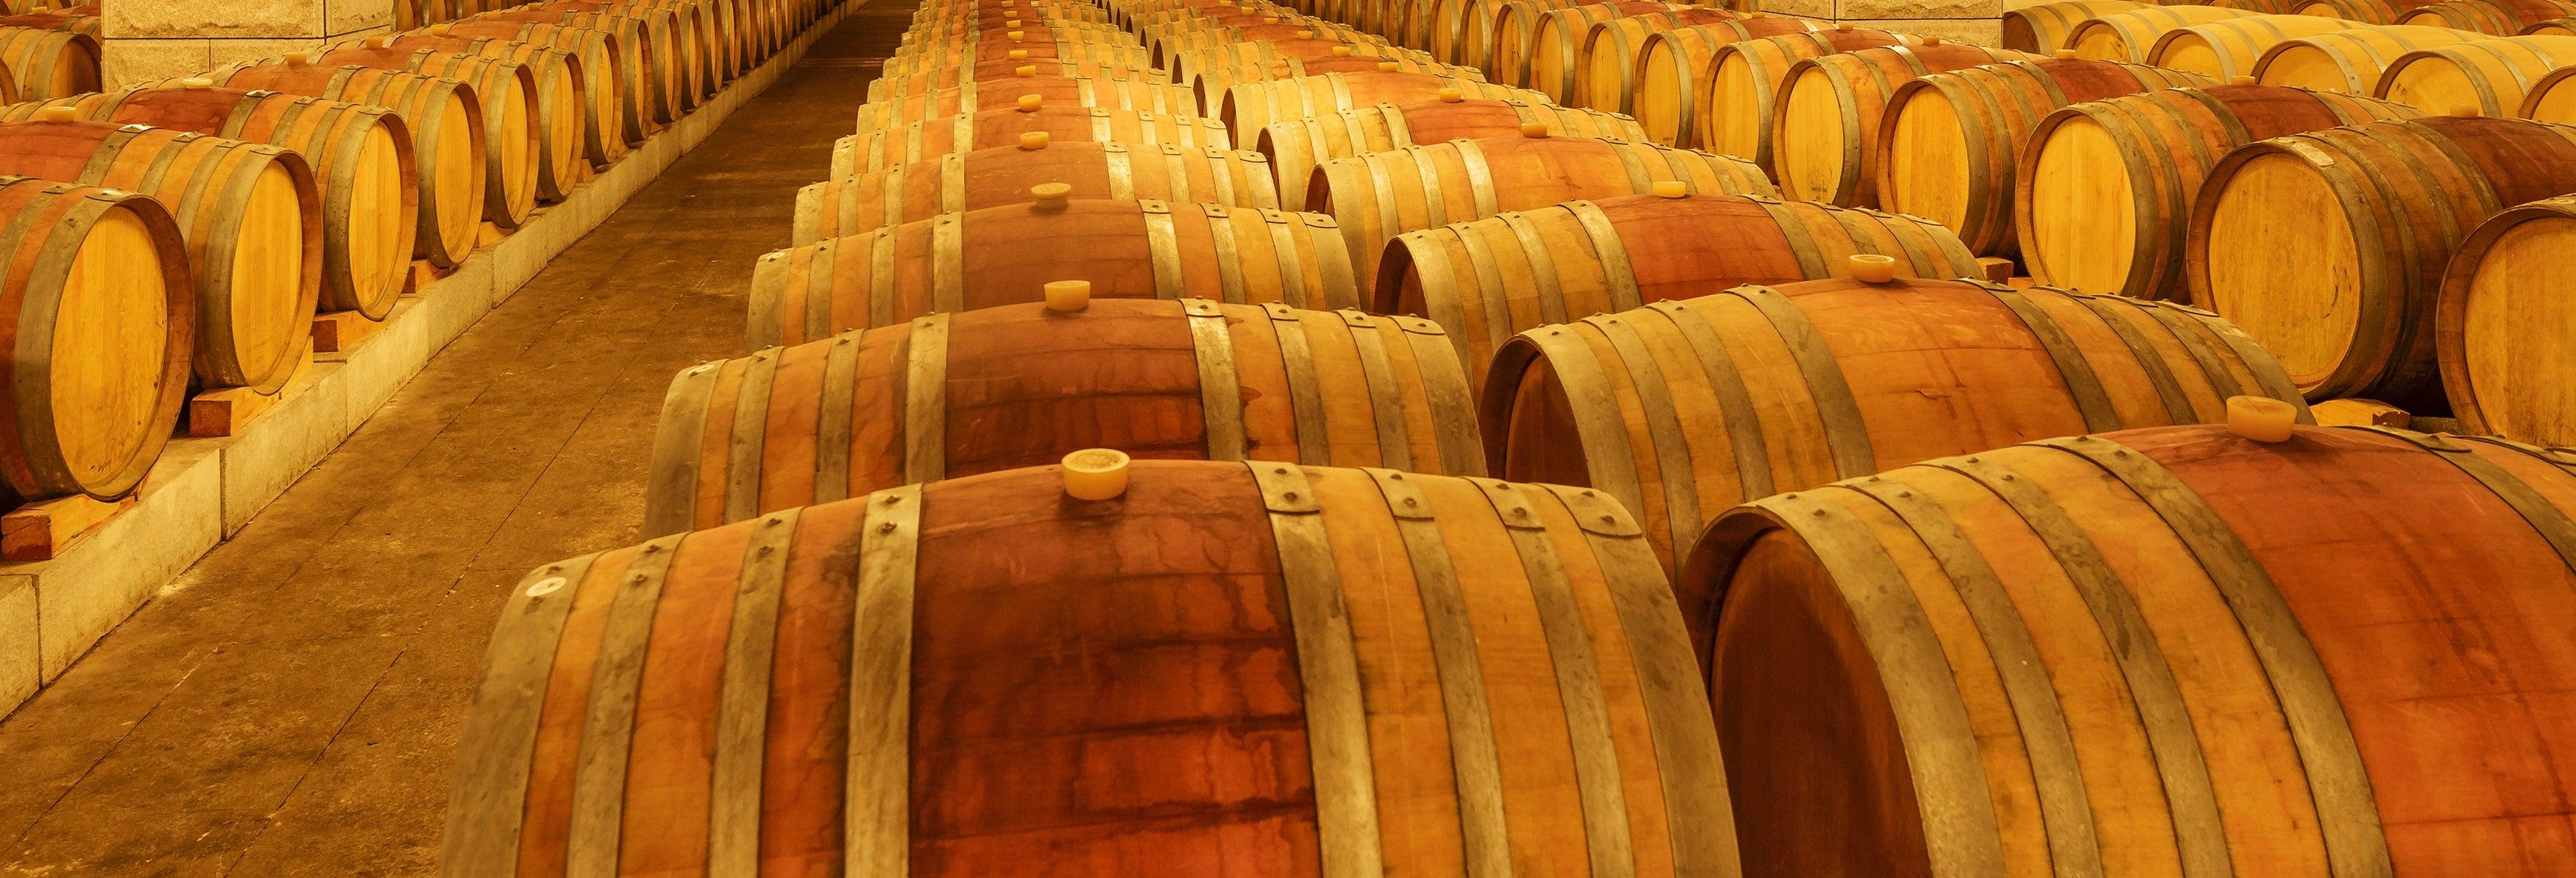 Excursion dans le domaine viticole d'Undurraga